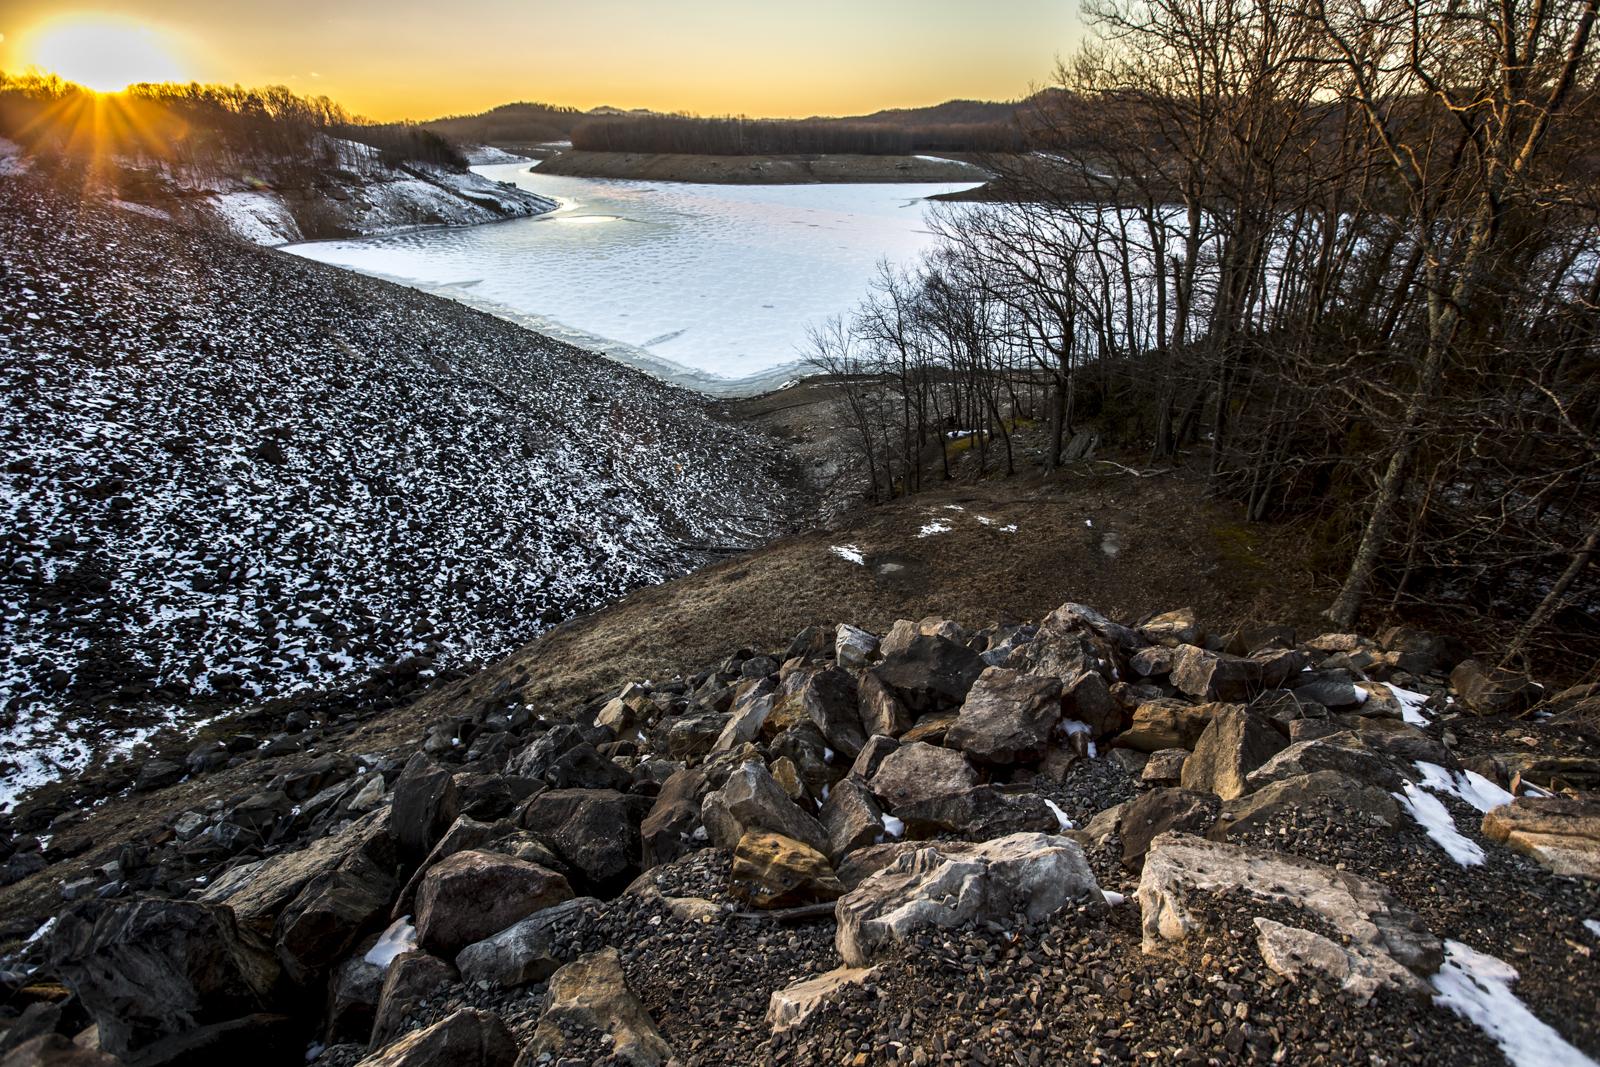 Sunset over Summersville Reservoir, West Virginia